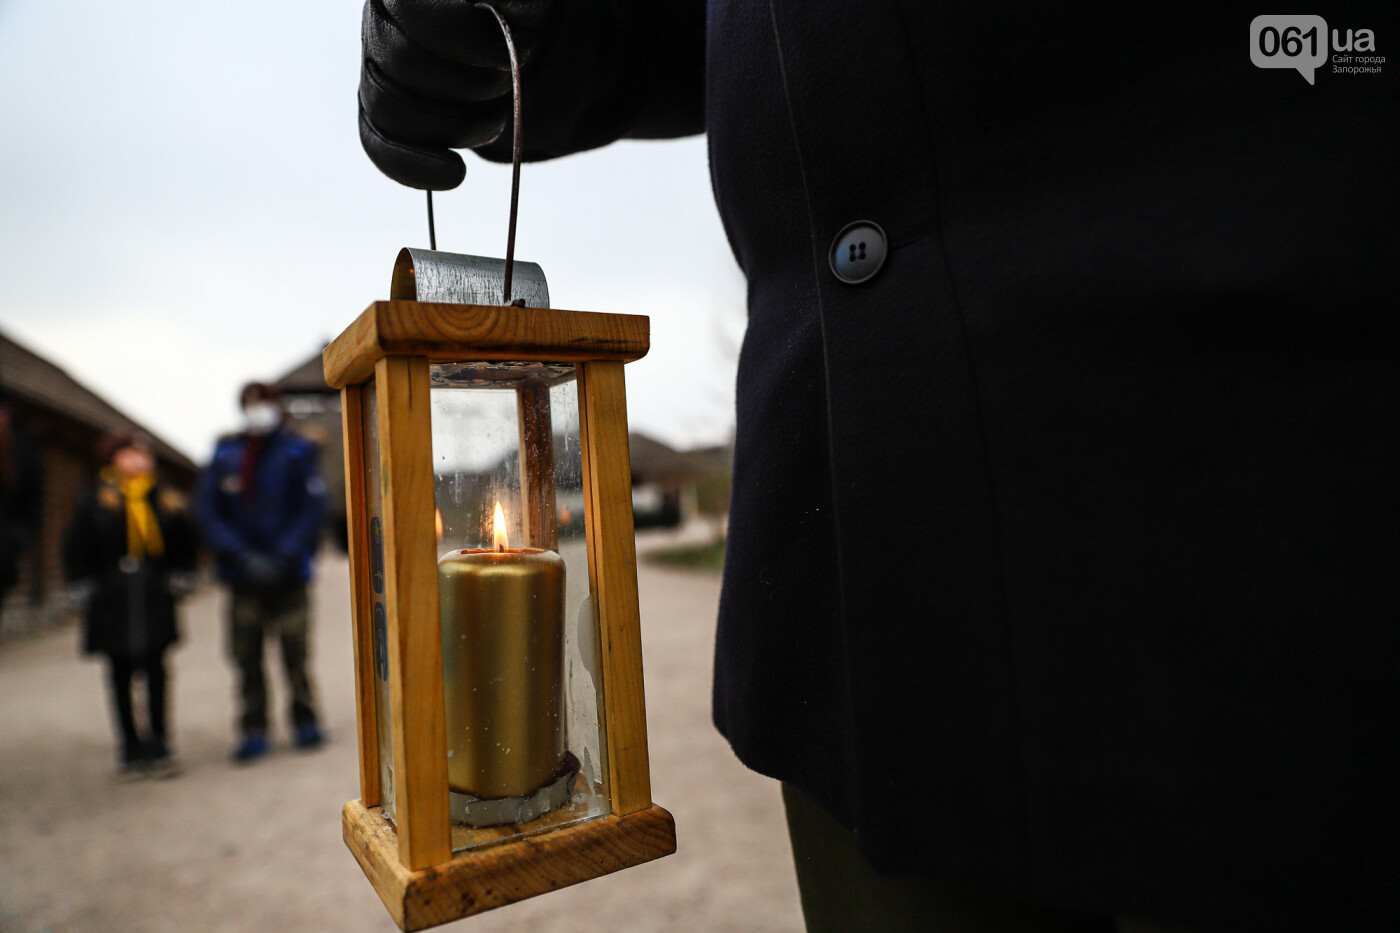 На Хортице скауты передали священникам Вифлеемский огонь, - ФОТОРЕПОРТАЖ, фото-4